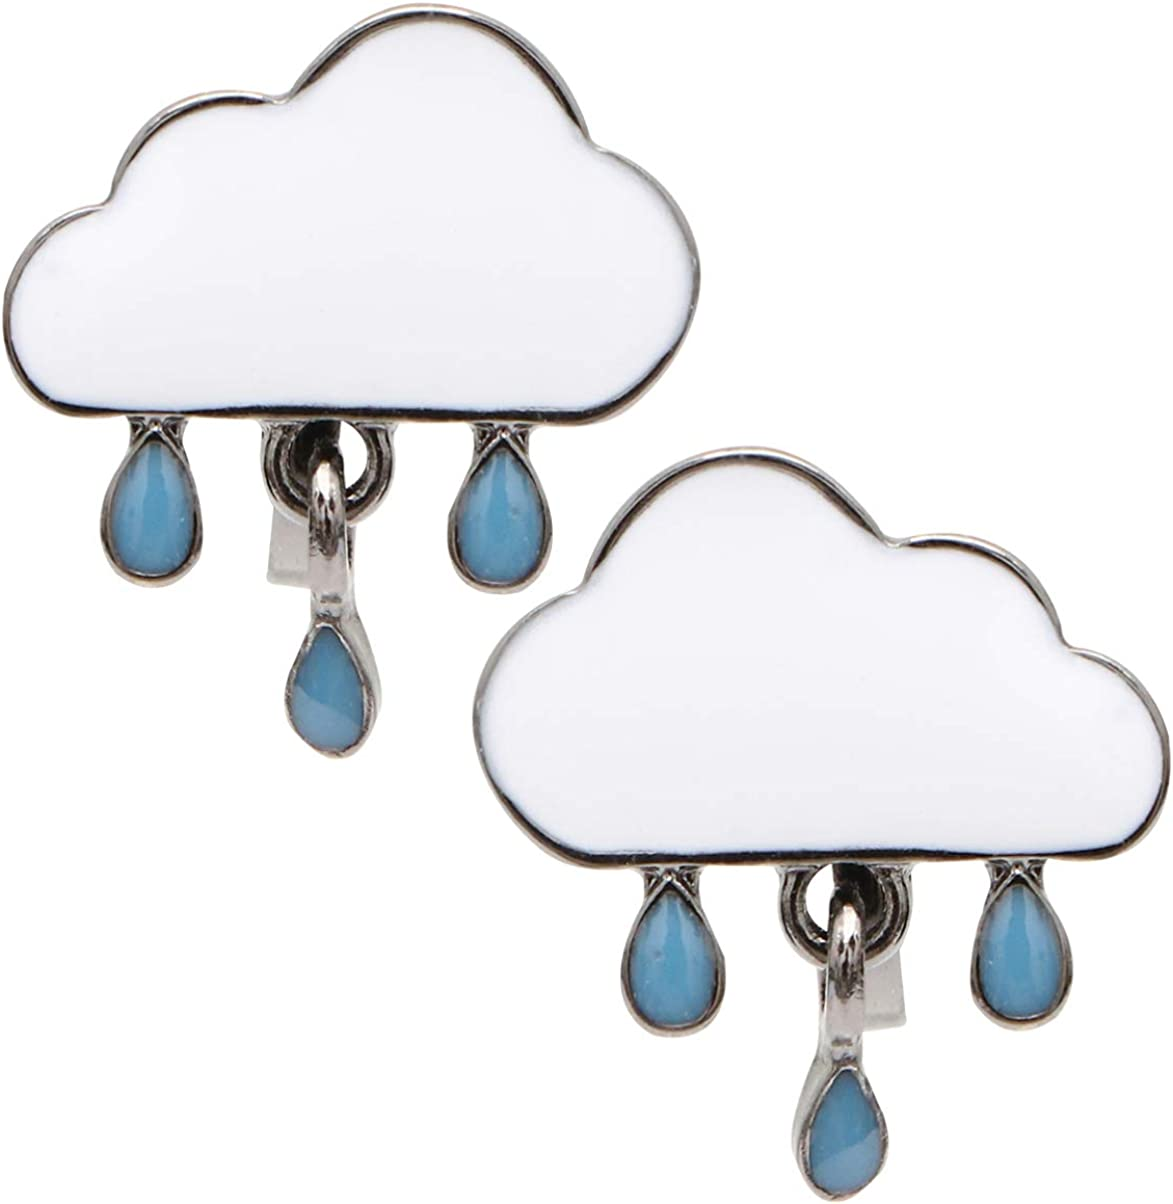 Happyyami 1 Pair Cloud Raindrops Earrings Lovely Statement Ear Clips Earrings Eardrop Dangler Ear Jewelry For Girls Women Ladies ((White)